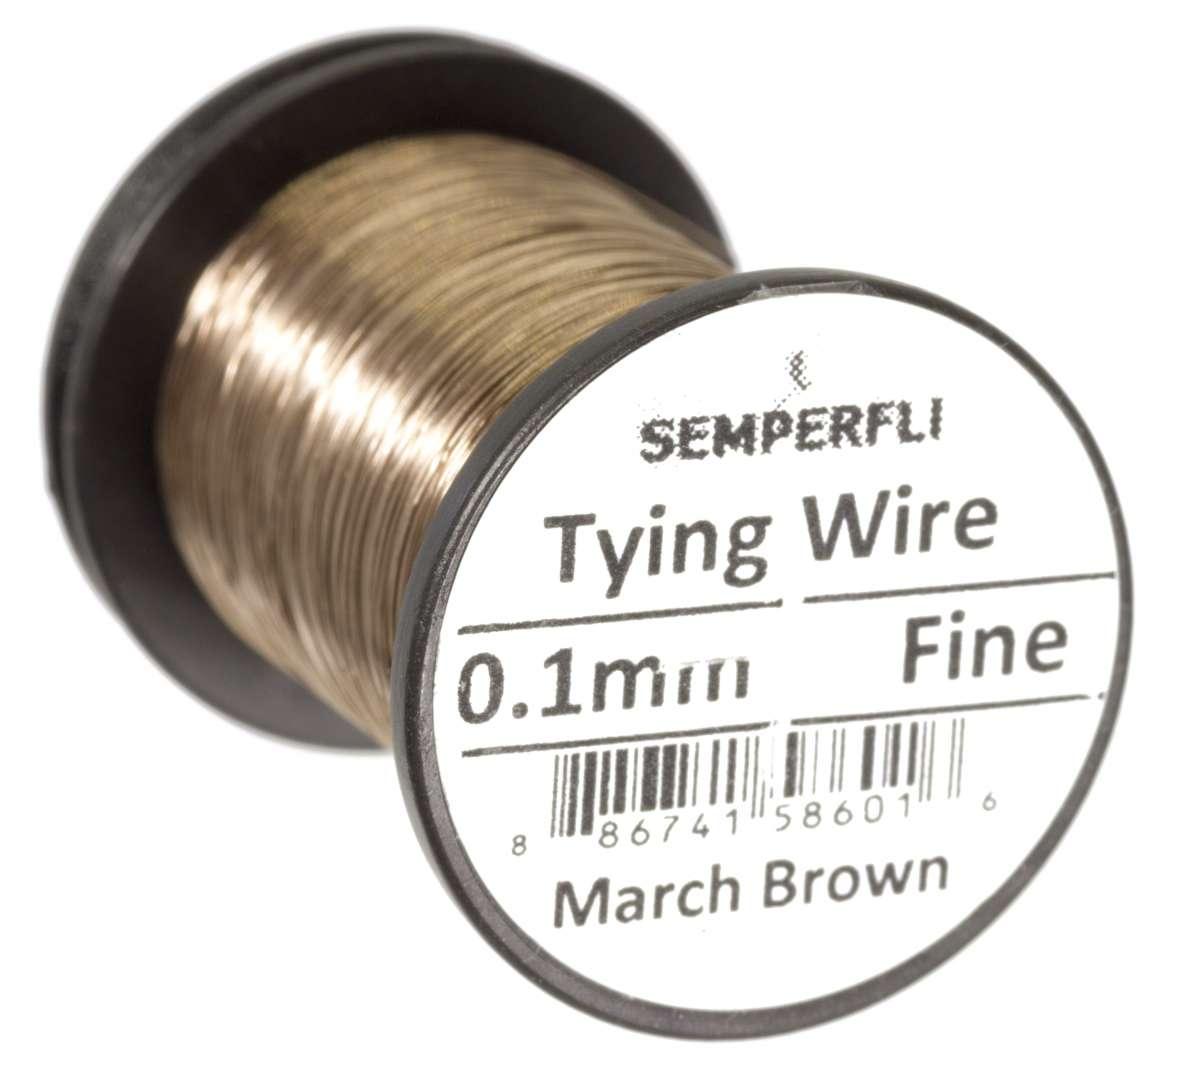 finewire march brown